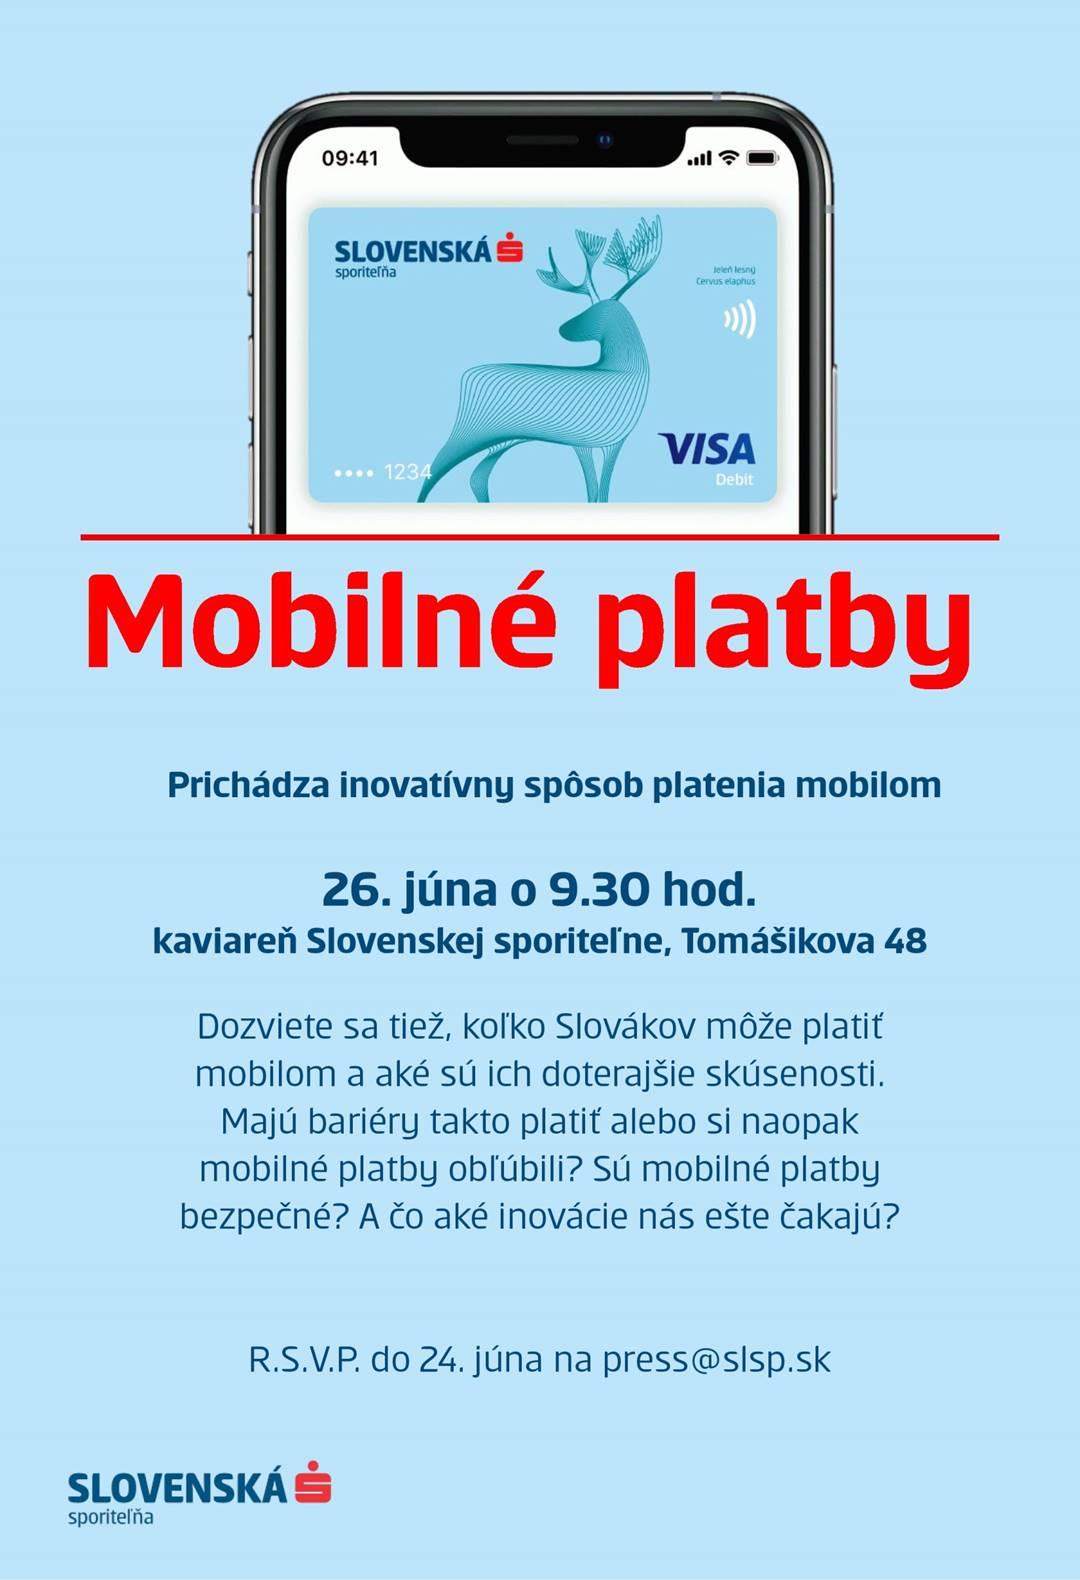 image001 - Apple Pay na Slovensku už túto stredu, SLSP pozýva novinárov na tlačovku